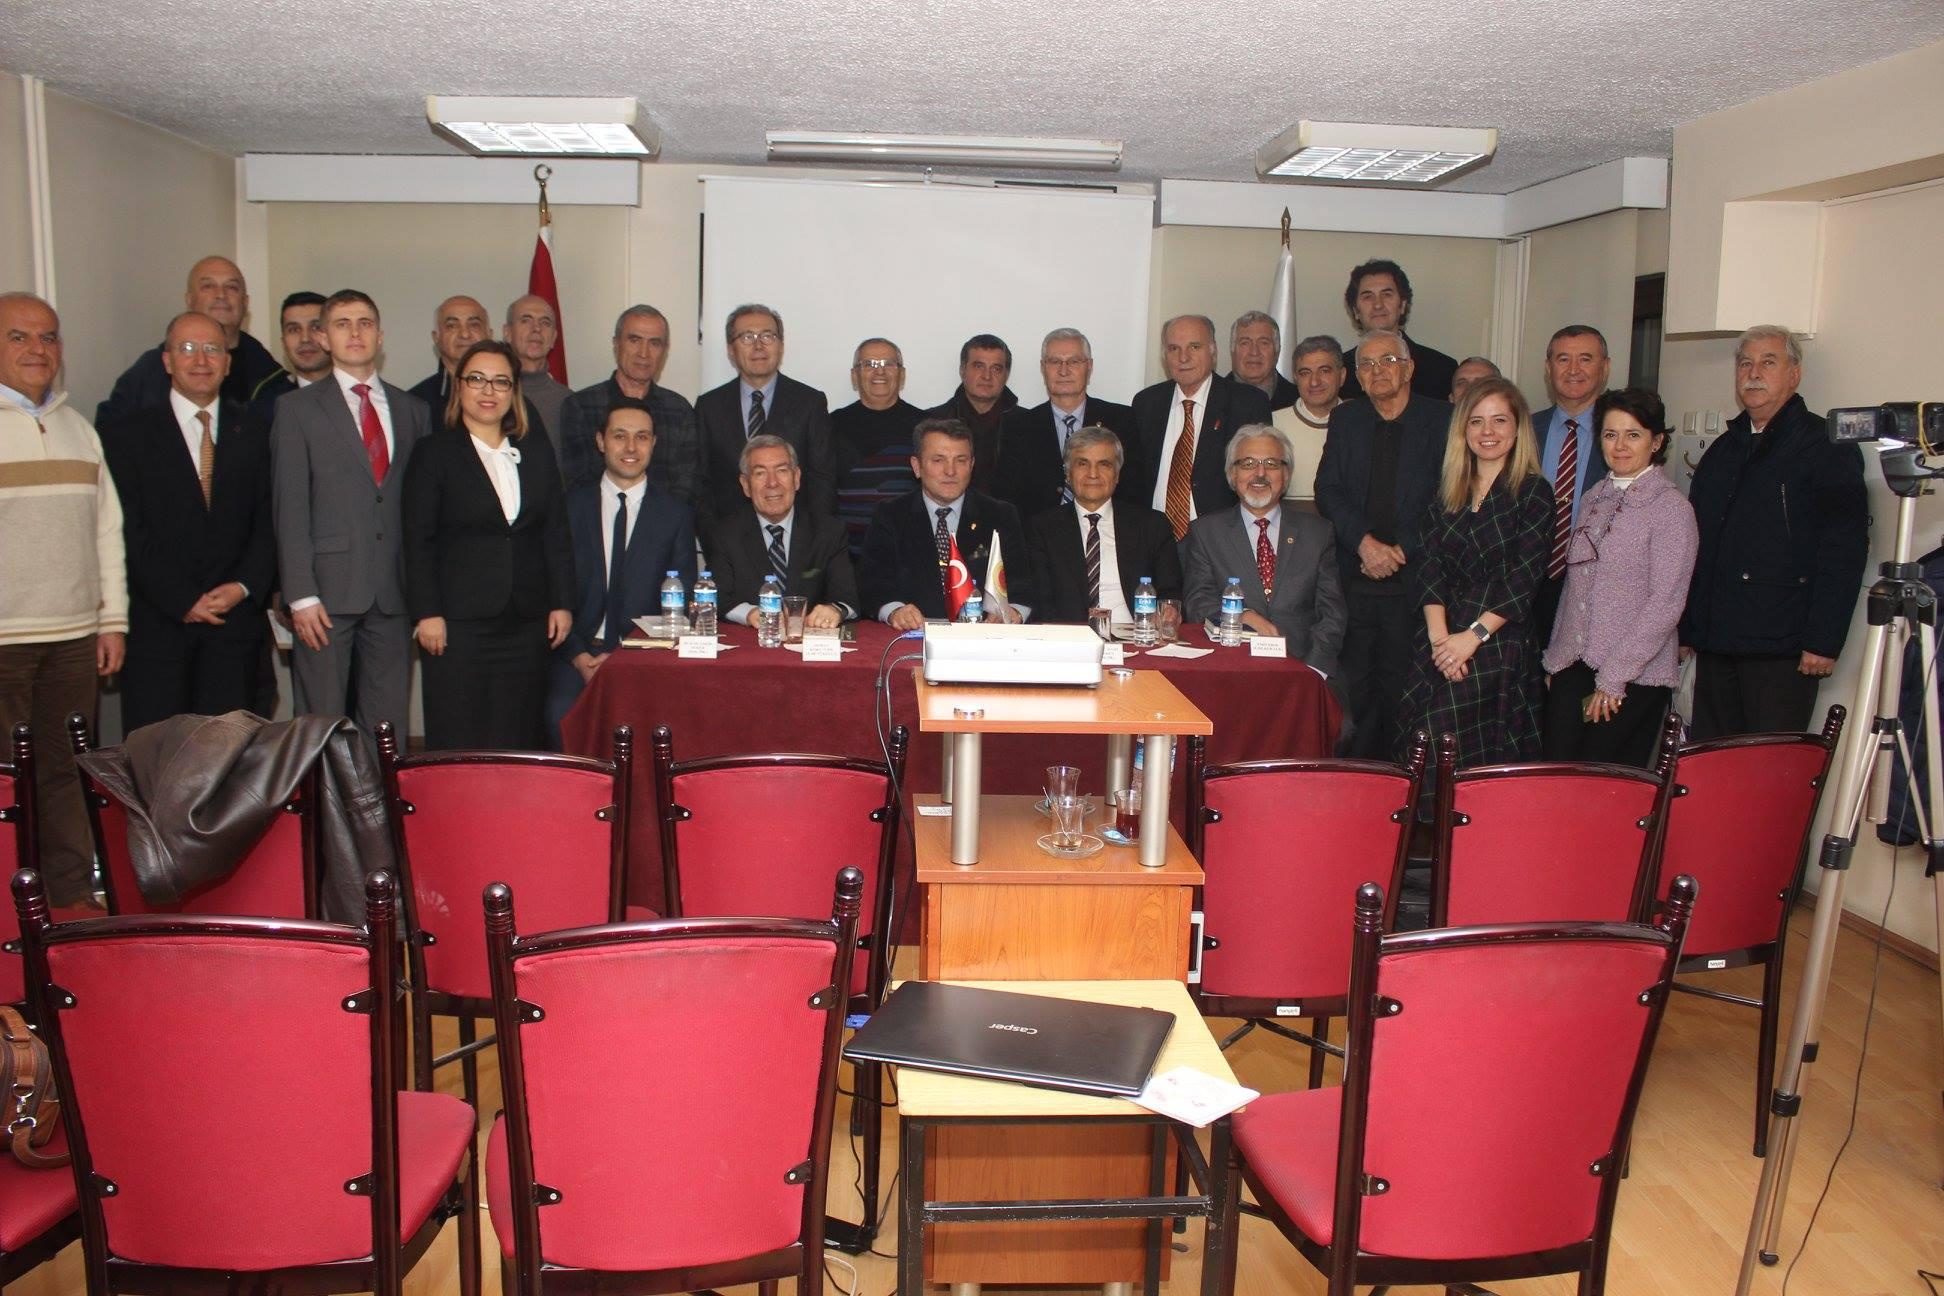 """""""Doğu Akdeniz - Mavi Vatanın Geleceği"""" konulu çalıştay düzenlenmiştir."""